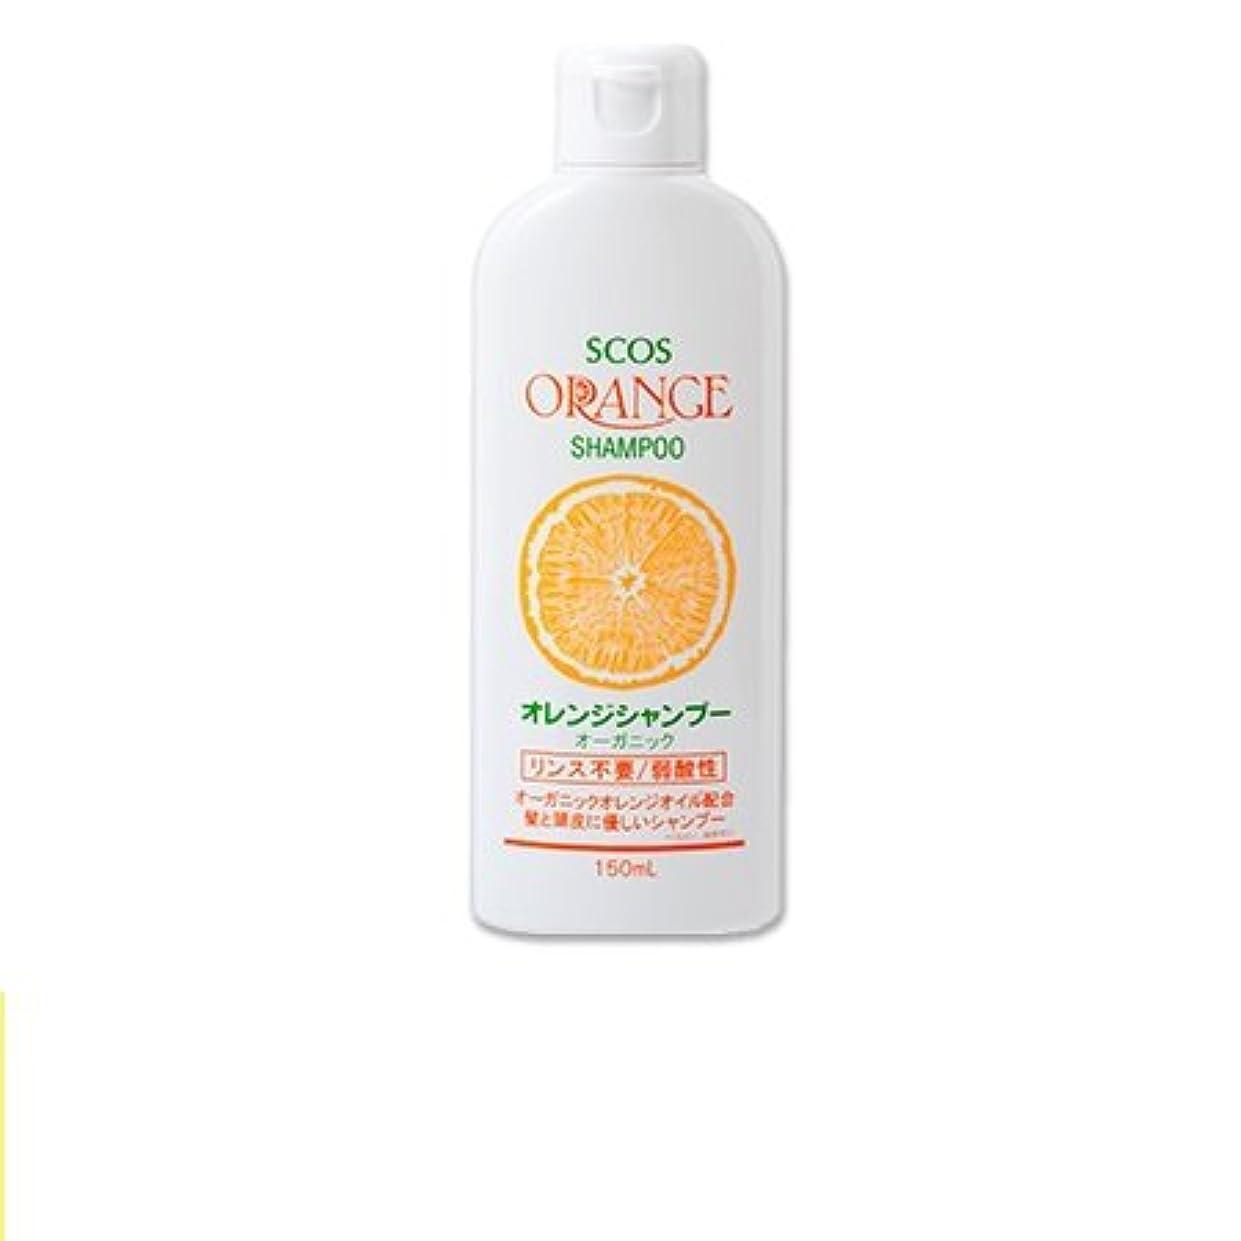 つかむ広がり簡単なエスコス オレンジシャンプーオーガニック (150ml)